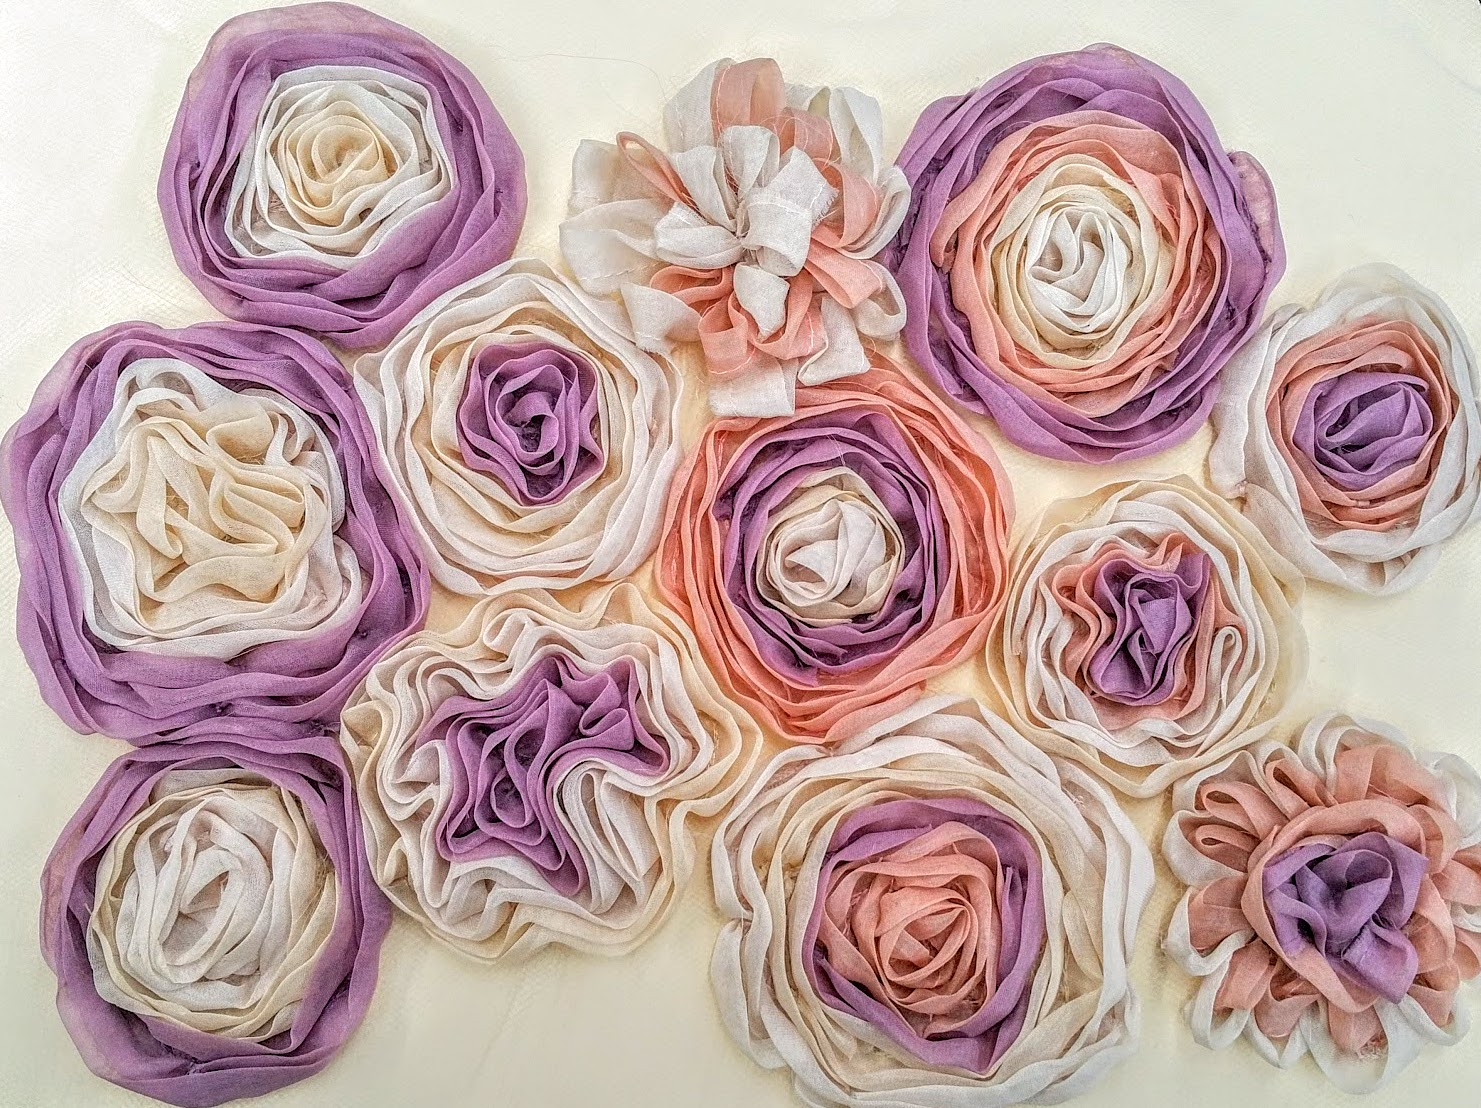 Spiral organza flowers